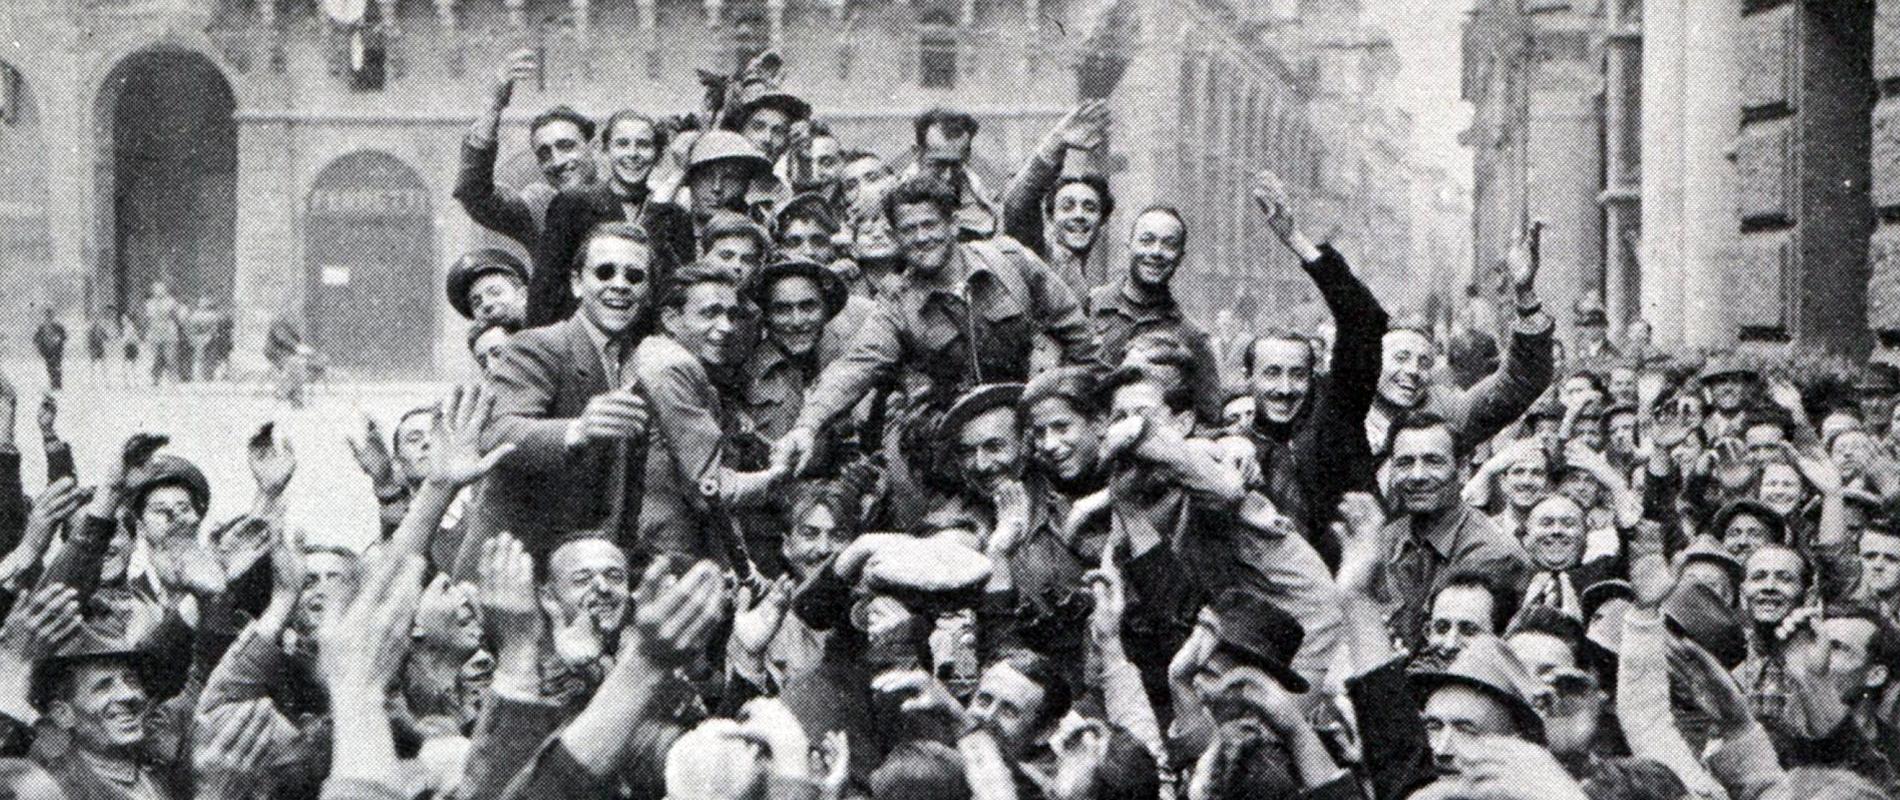 mirarte-tour-vituale-liberazione-bologna-2-big